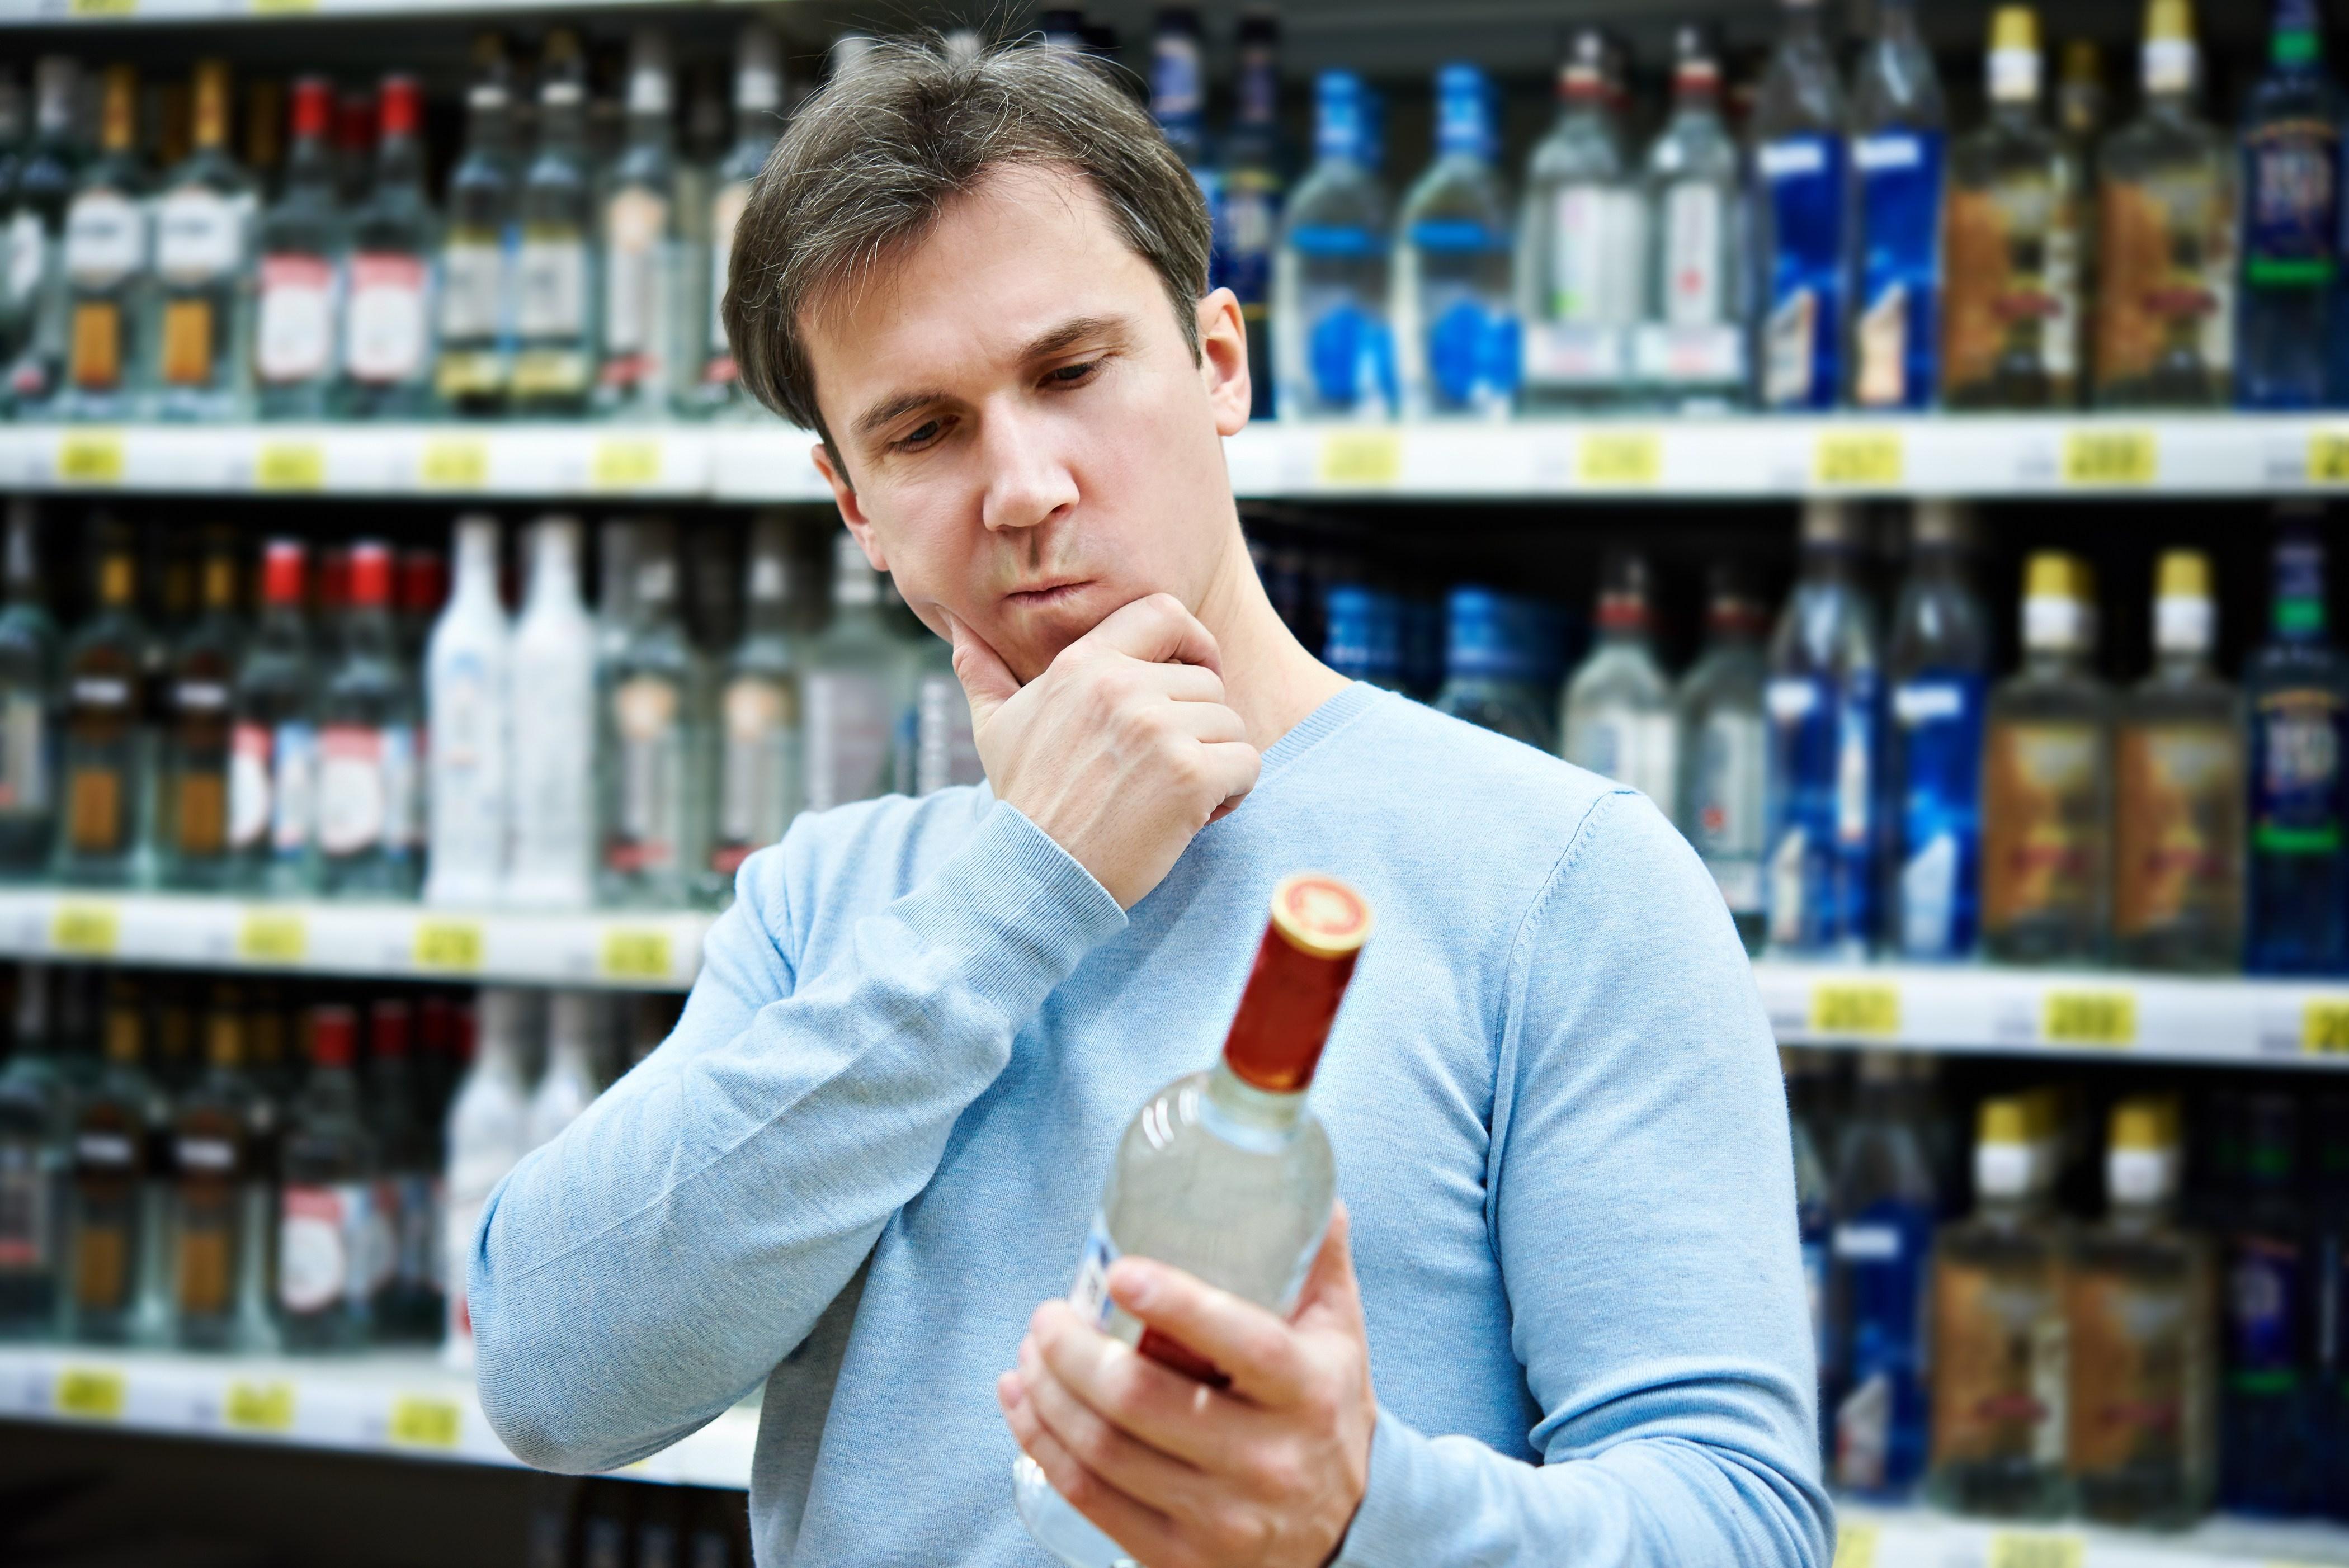 Минимальная цена на водку с 2020 года может составить 233 рубля